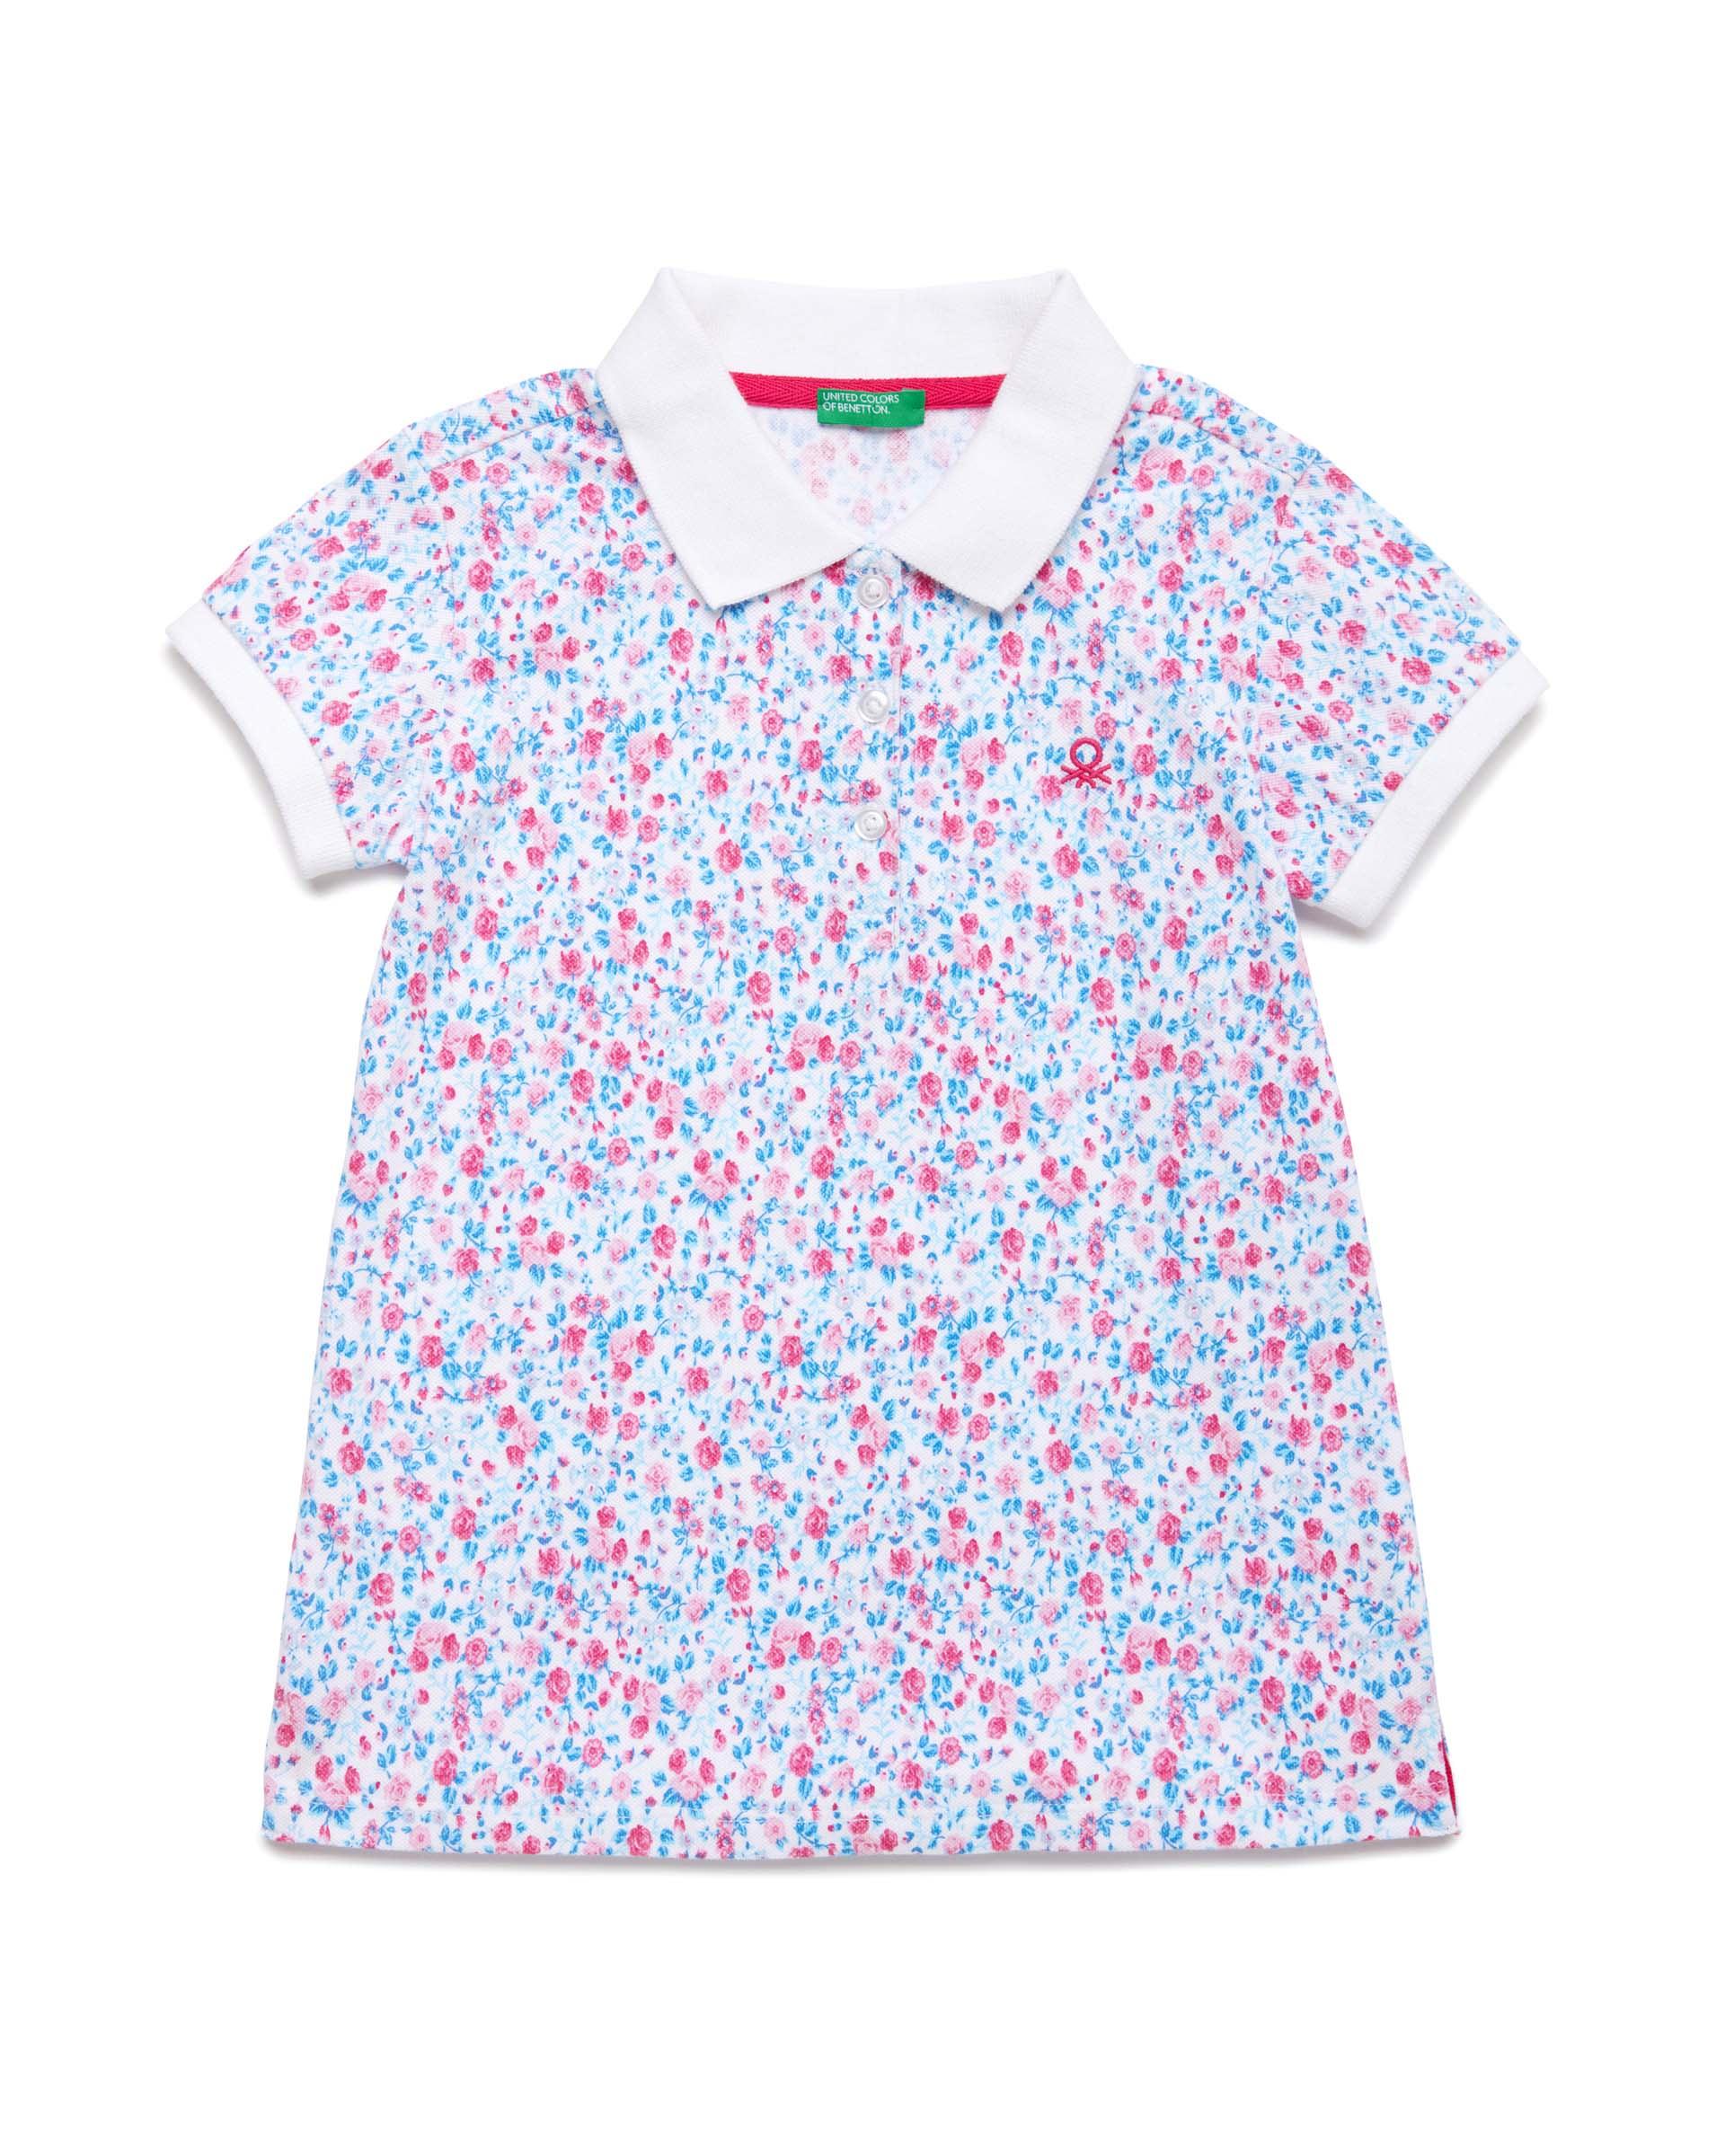 Купить 20P_3PK6C3126_69M, Поло-пике для девочек Benetton 3PK6C3126_69M р-р 80, United Colors of Benetton, Кофточки, футболки для новорожденных